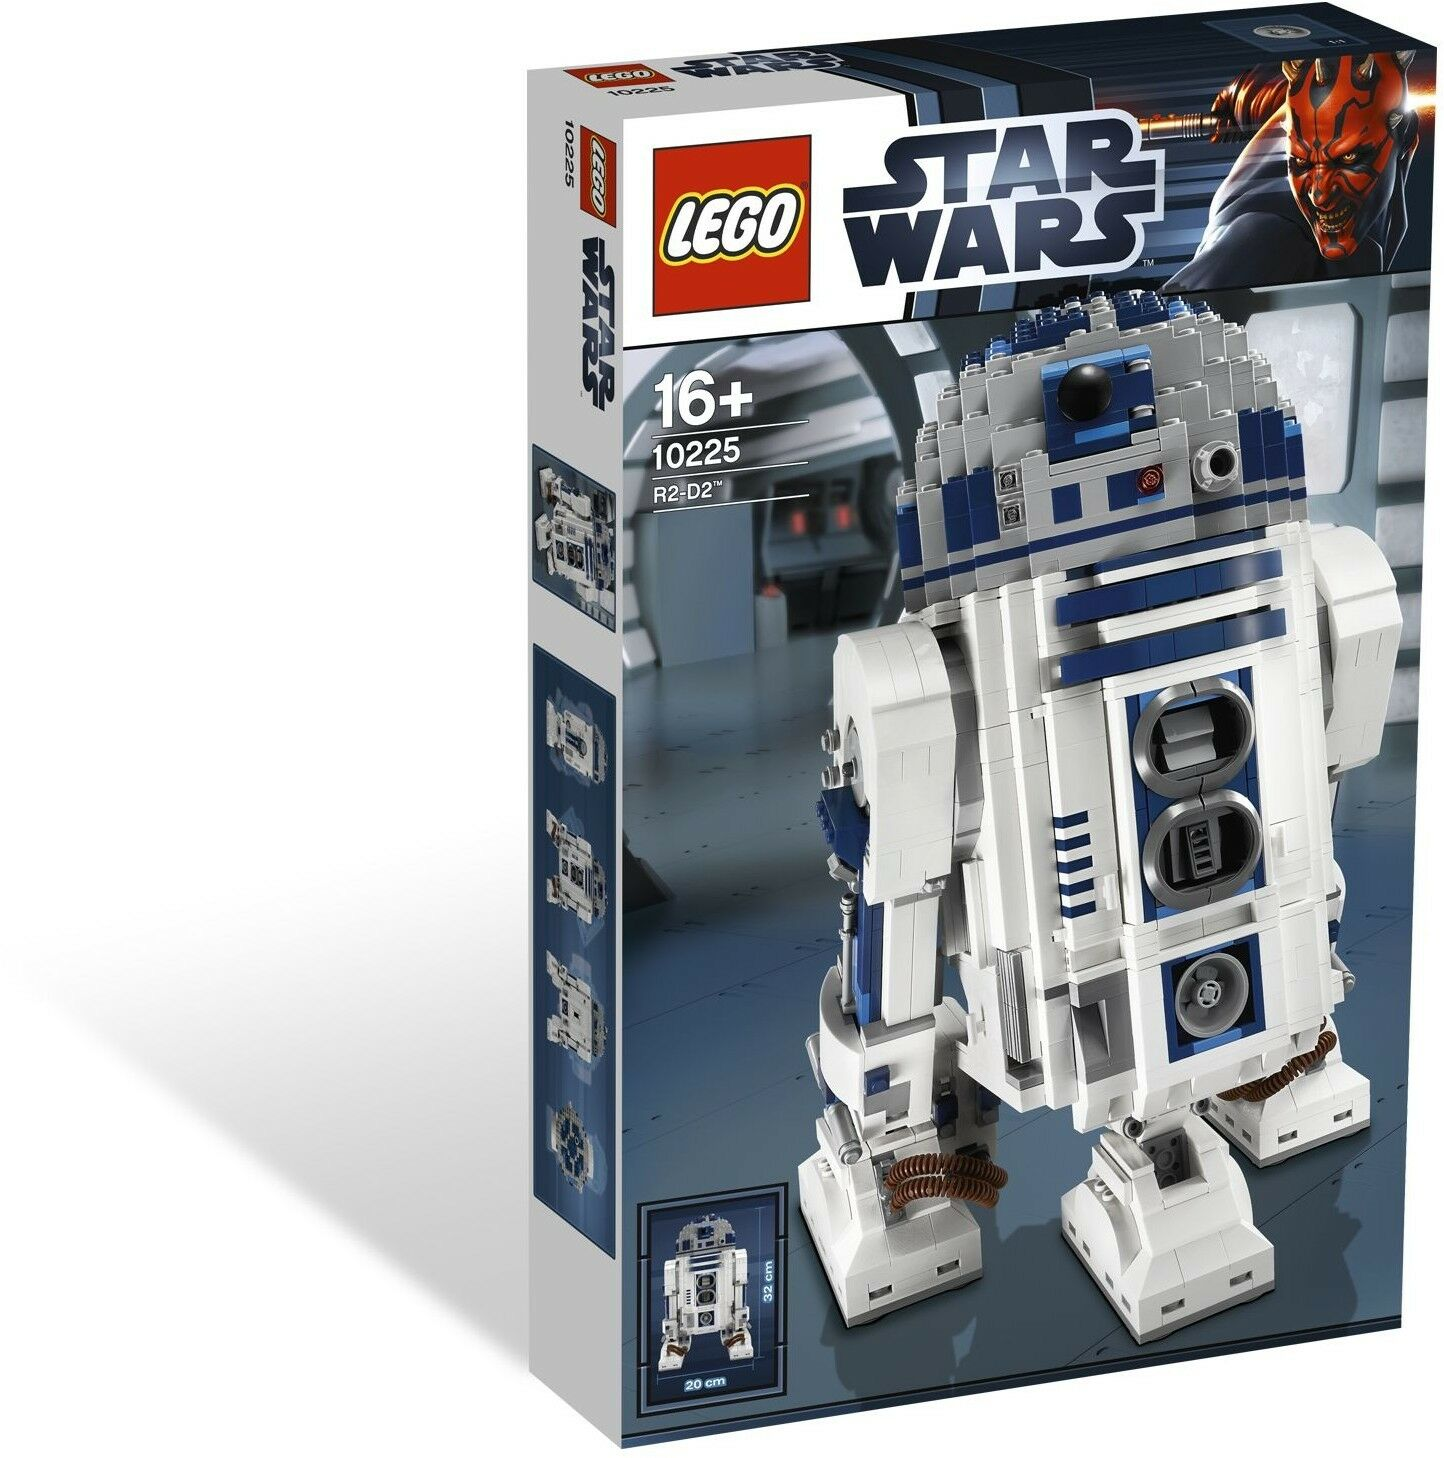 Nuevo Lego Star Wars Ultimate Coleccionista Serie R2-d2 10225